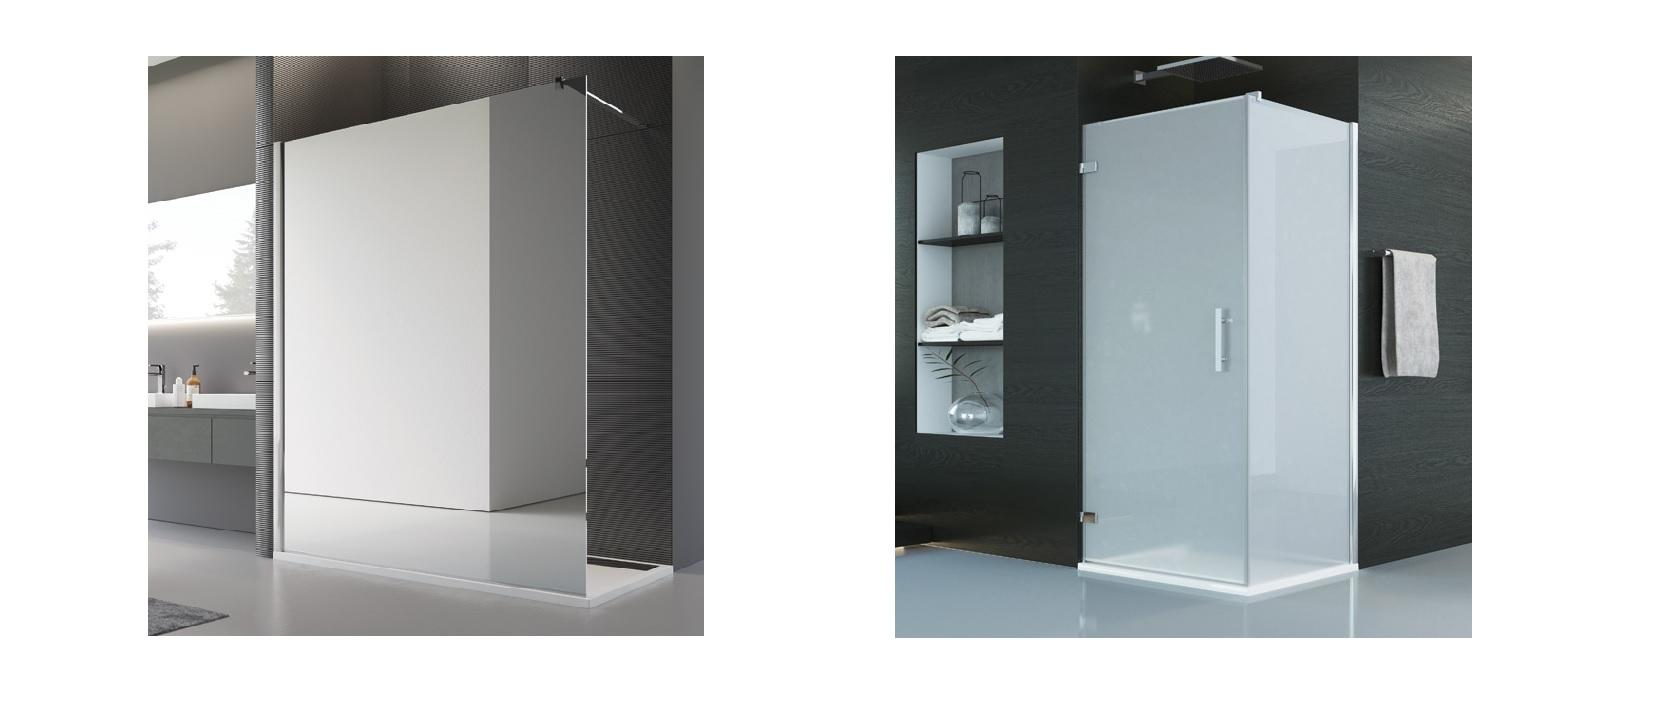 Full Size of Walk In Duschen Hier Online Kaufen Heizung Badezimmercom Dusche Nischentür Badewanne Mit Tür Und Gebrauchte Küche Bluetooth Lautsprecher Betten Günstig Dusche Dusche Kaufen